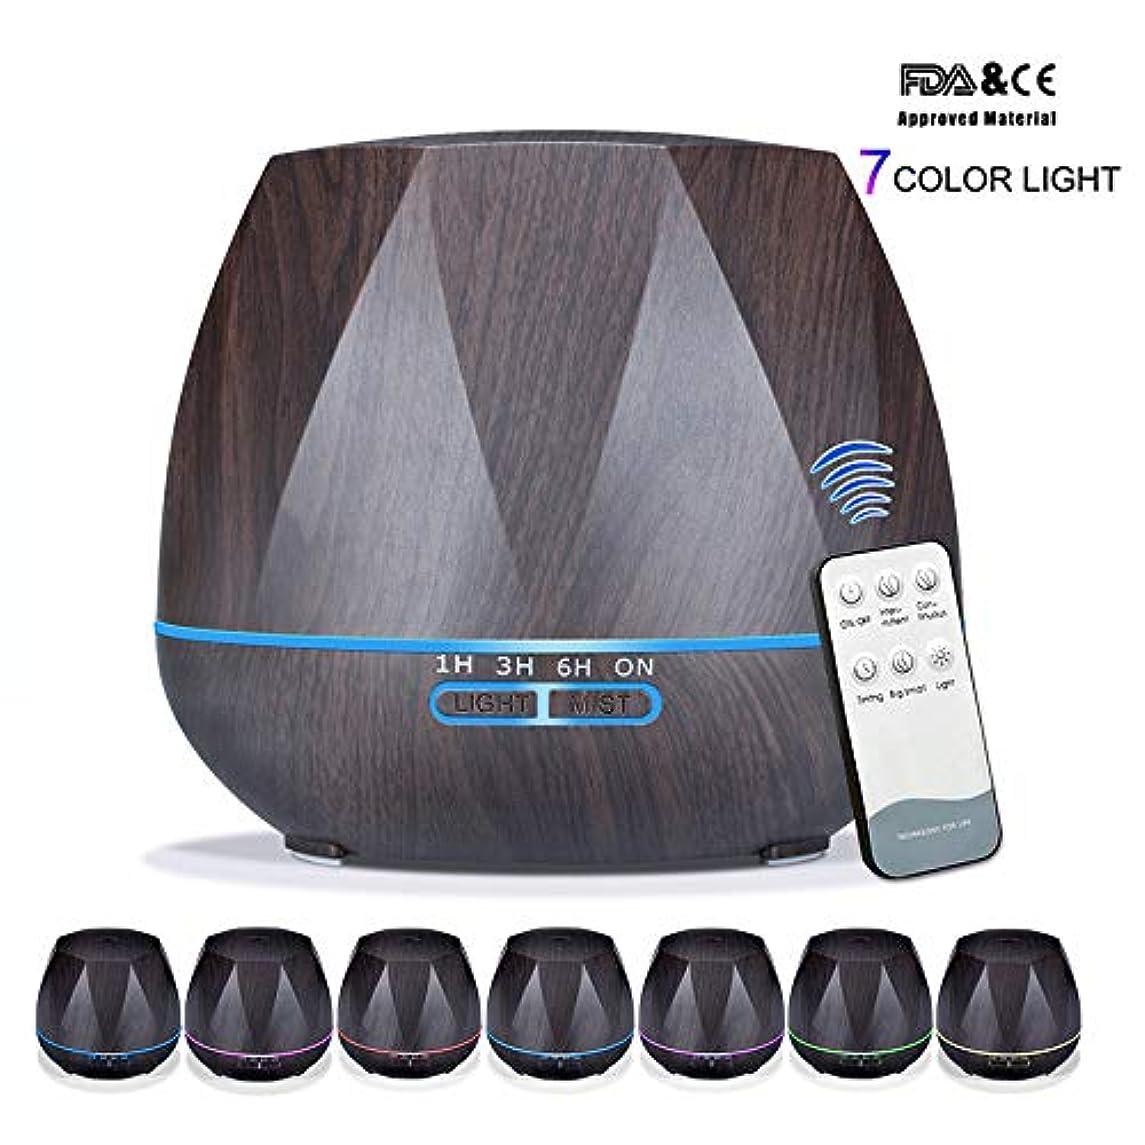 アロマセラピーエッセンシャルオイルアロマディフューザーリモートコントロール7色LEDライトホームエアアロマディフューザー加湿器550ML,Black,Remote